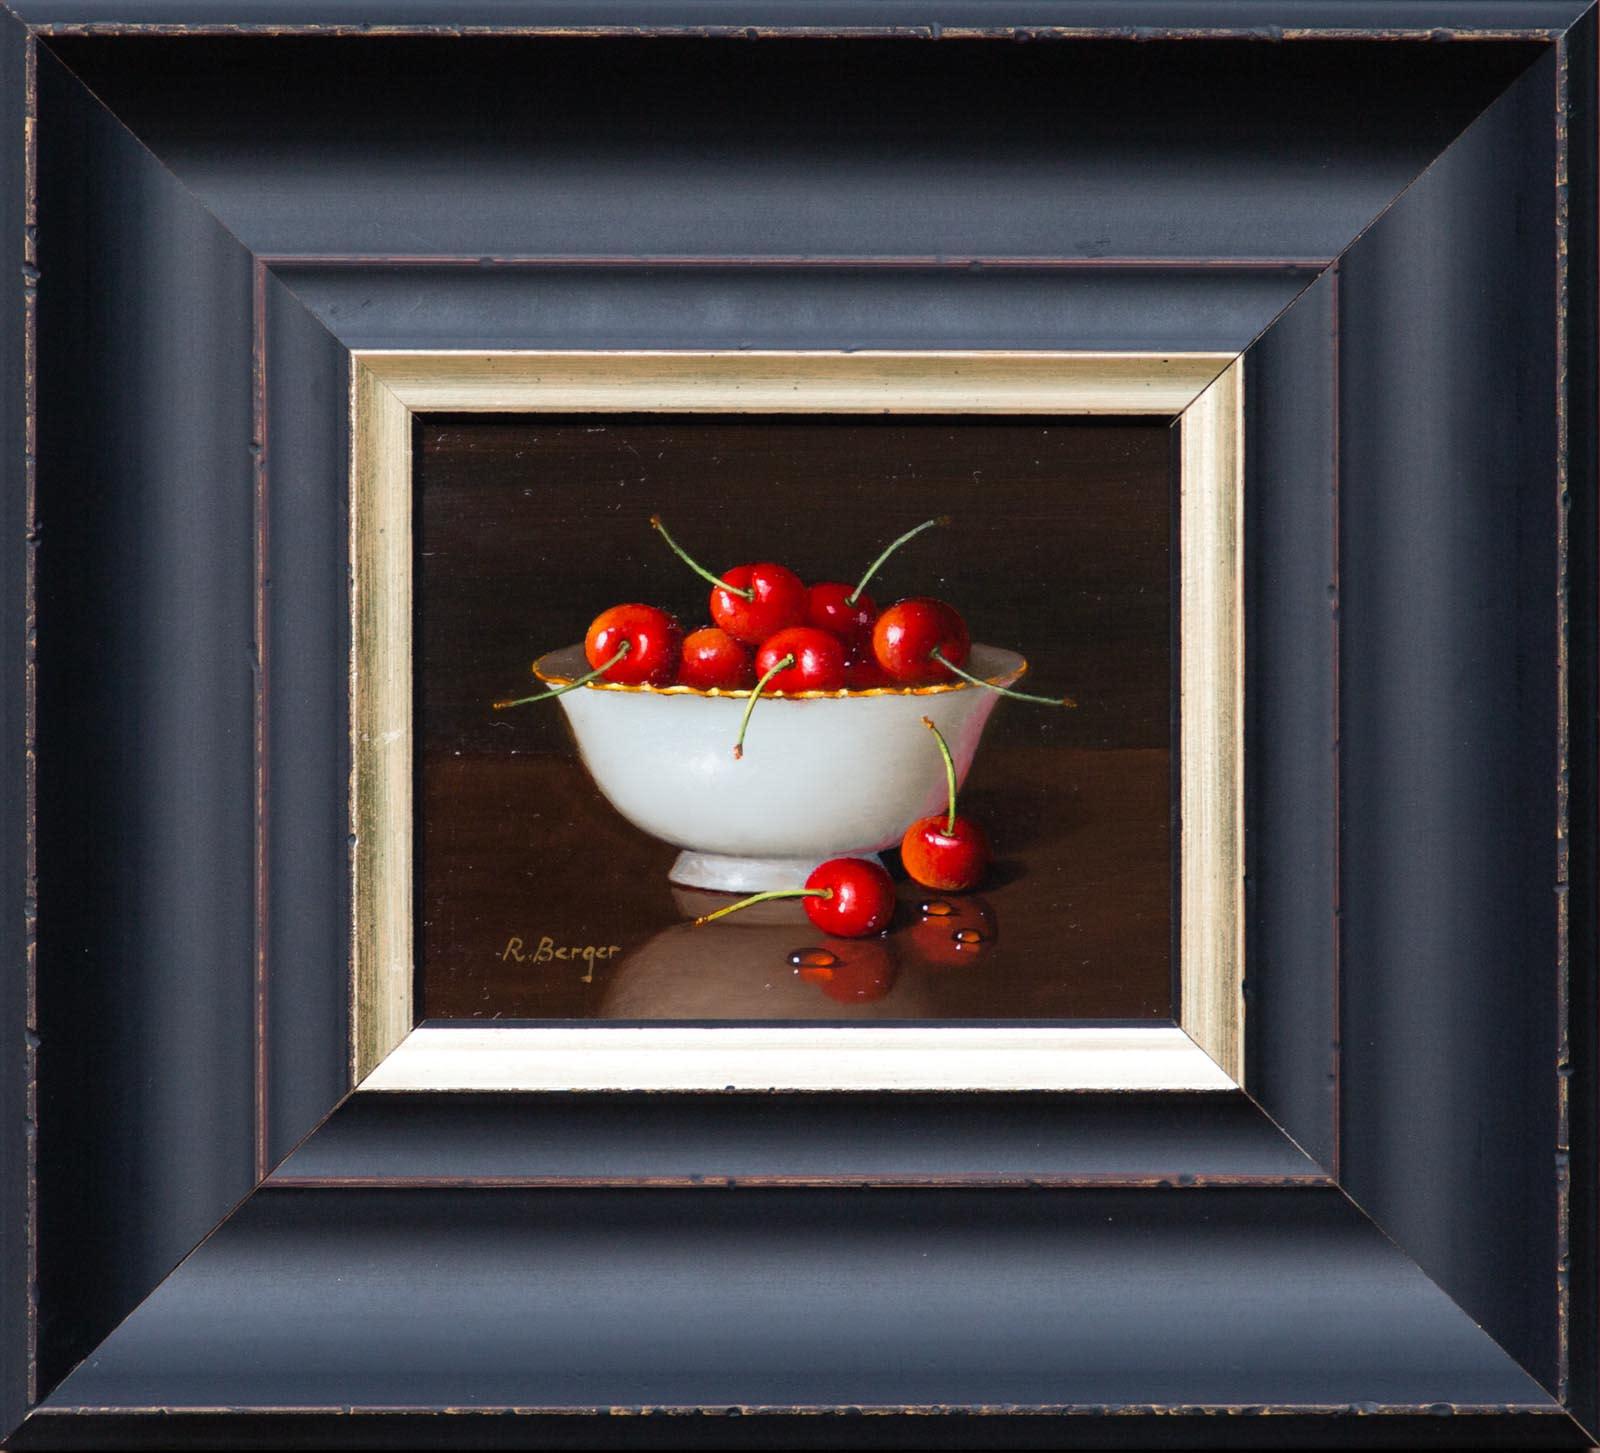 Bowl of Cherries, Ronald Berger